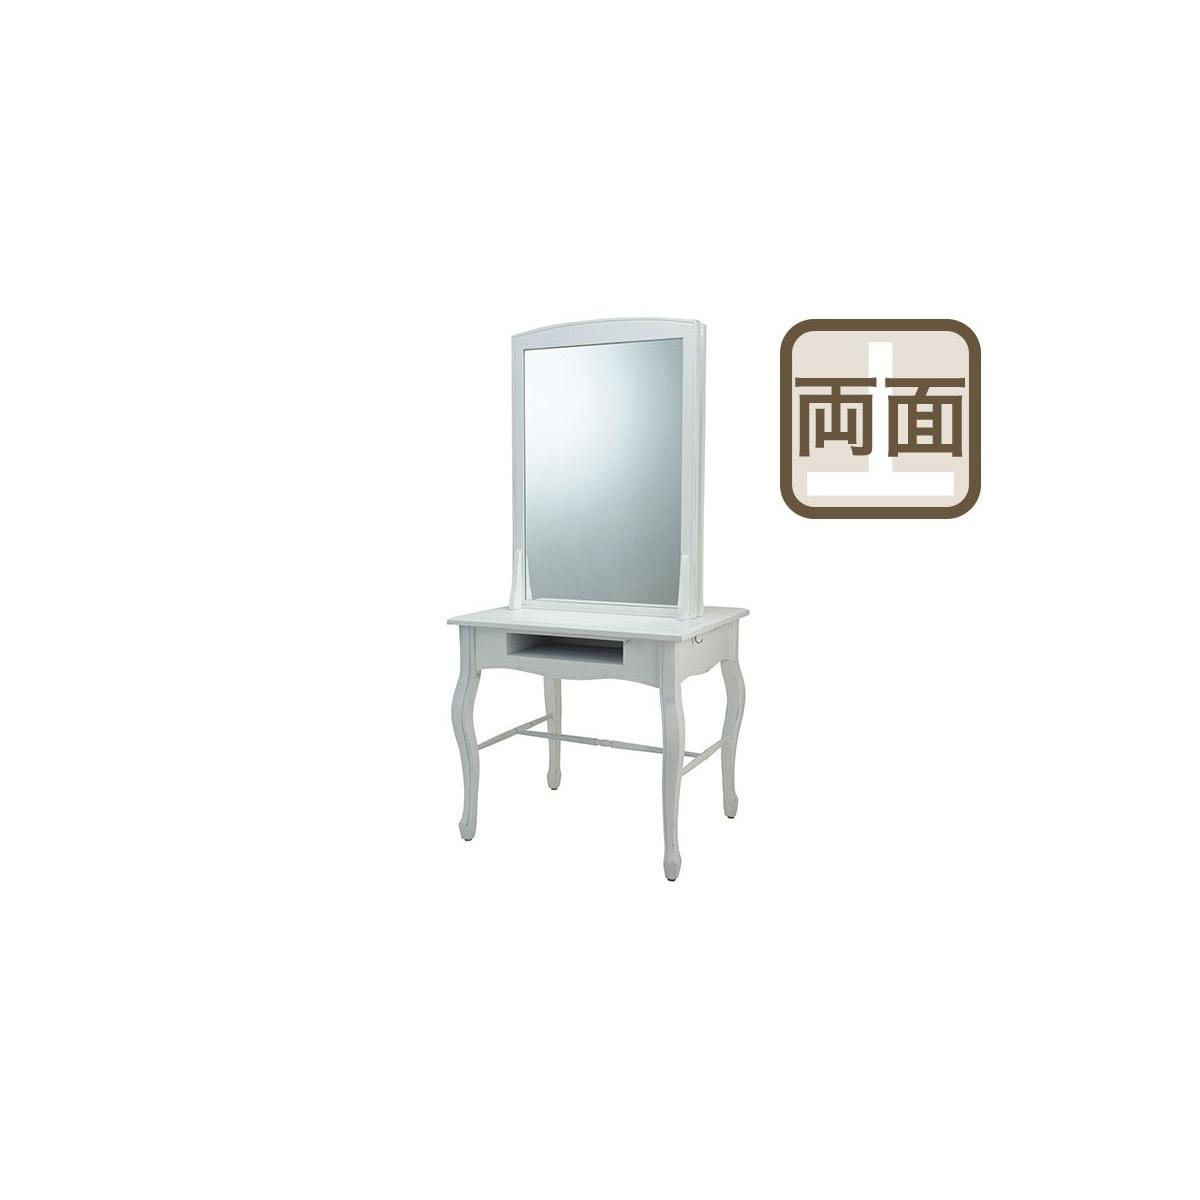 【シャビーシック】天然木製両面ドレッサーMarie(マリー)1stモデル